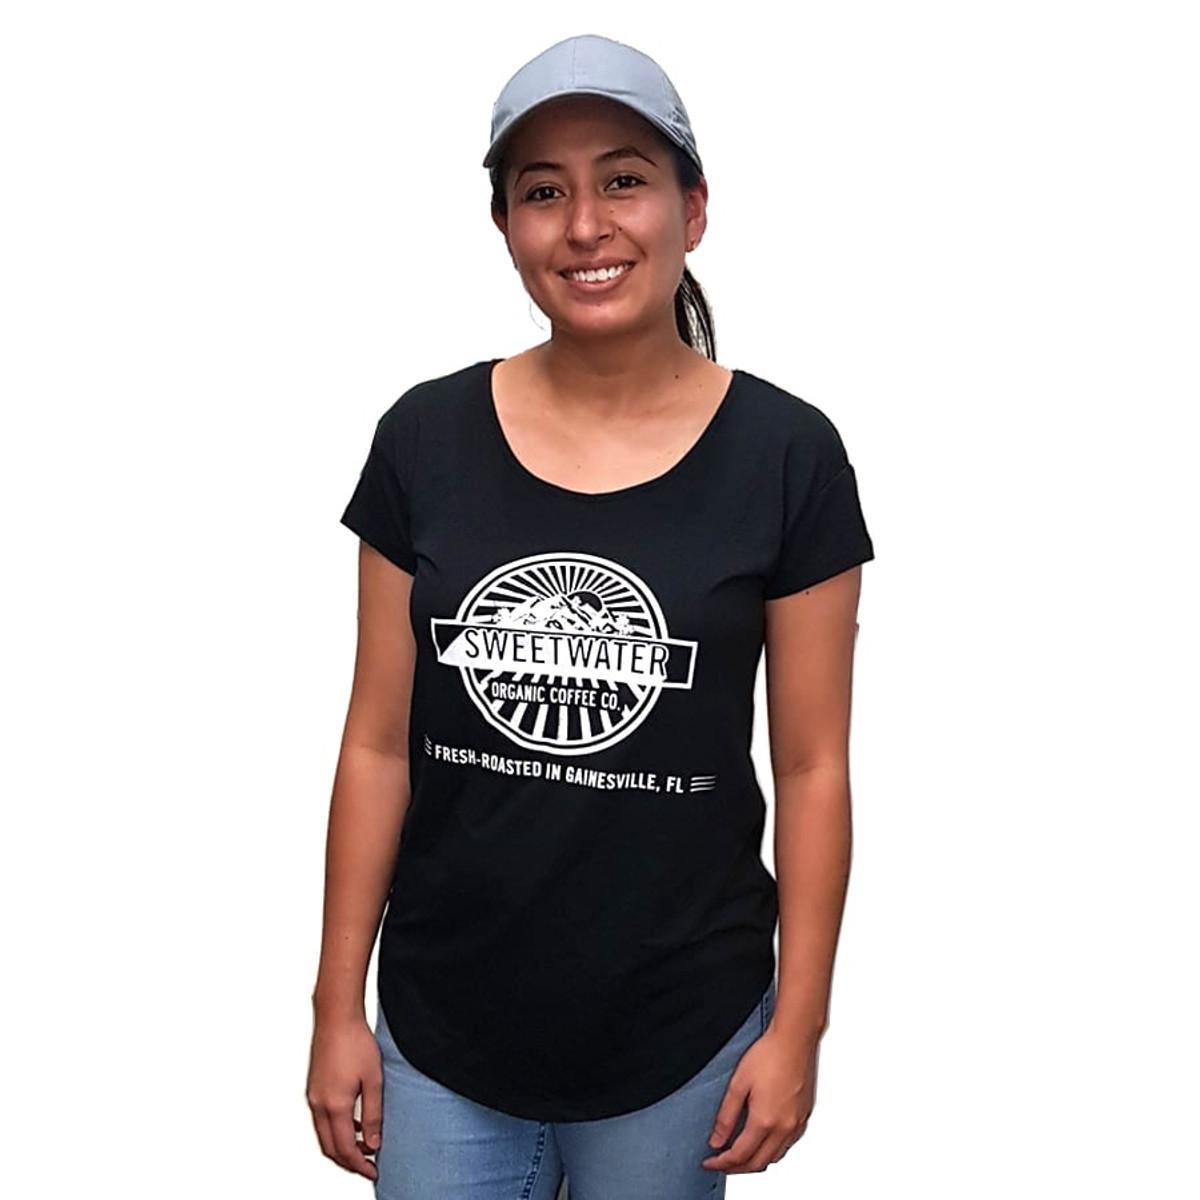 Sweetwater Women's Short Sleeve Shirt